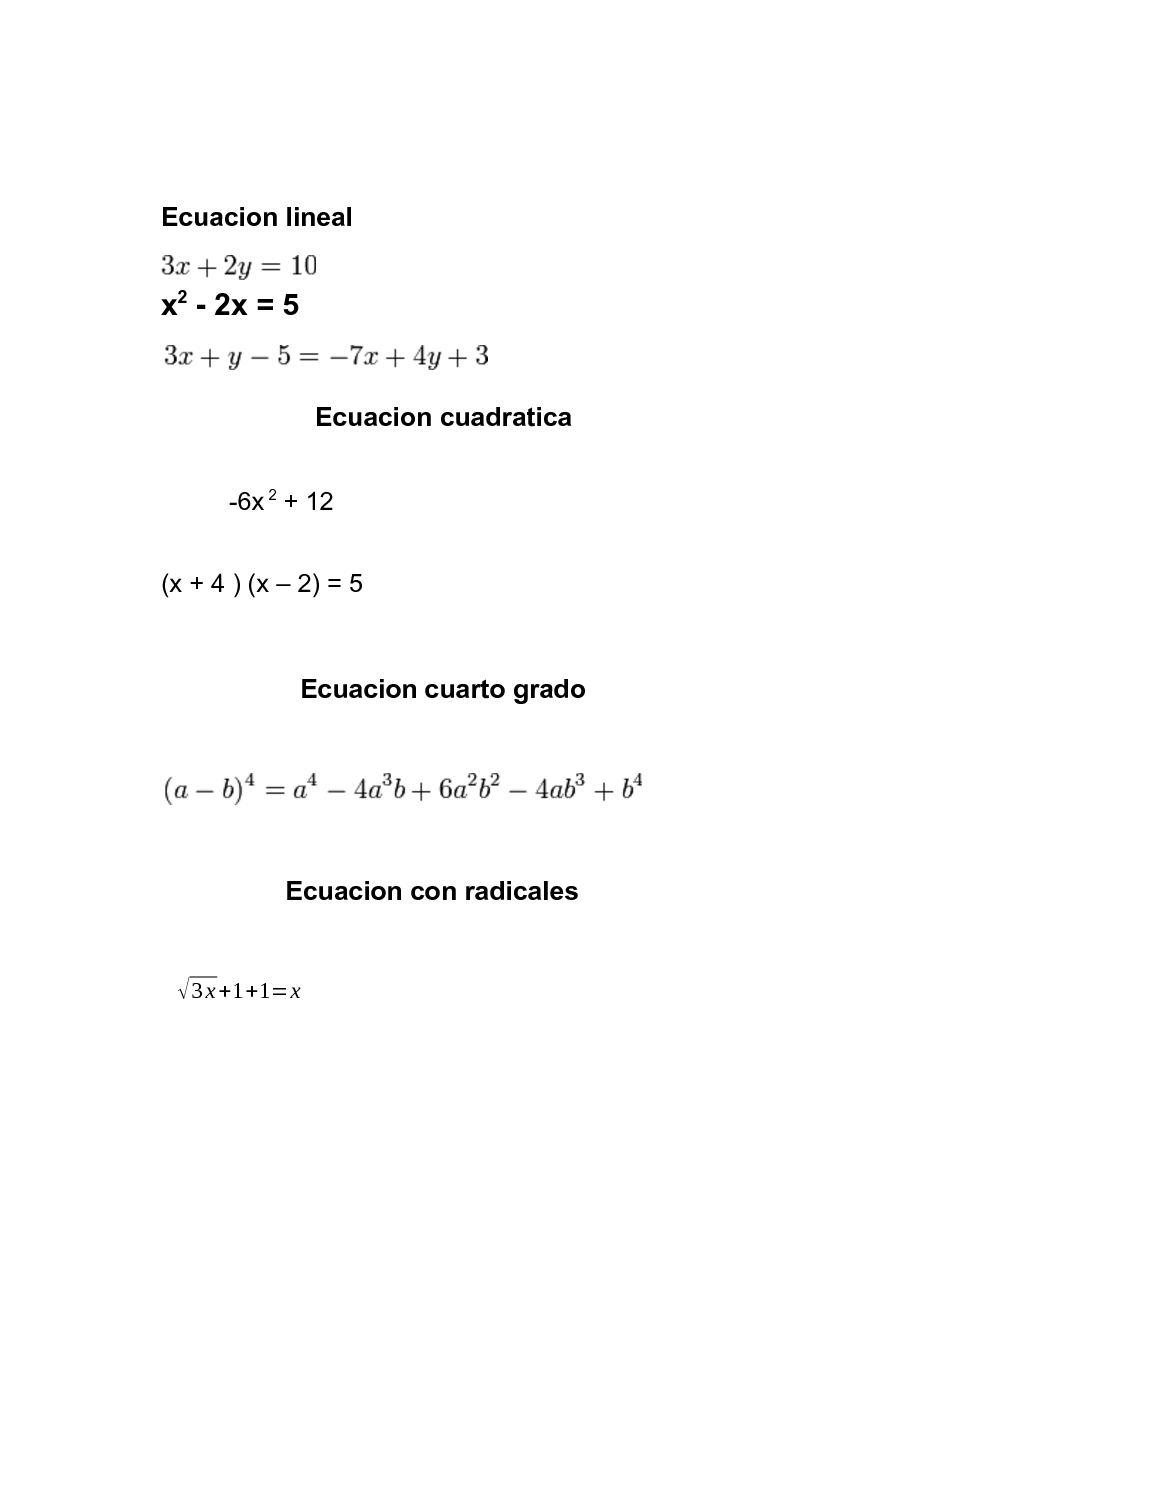 Calaméo - ecuaciones matematicas